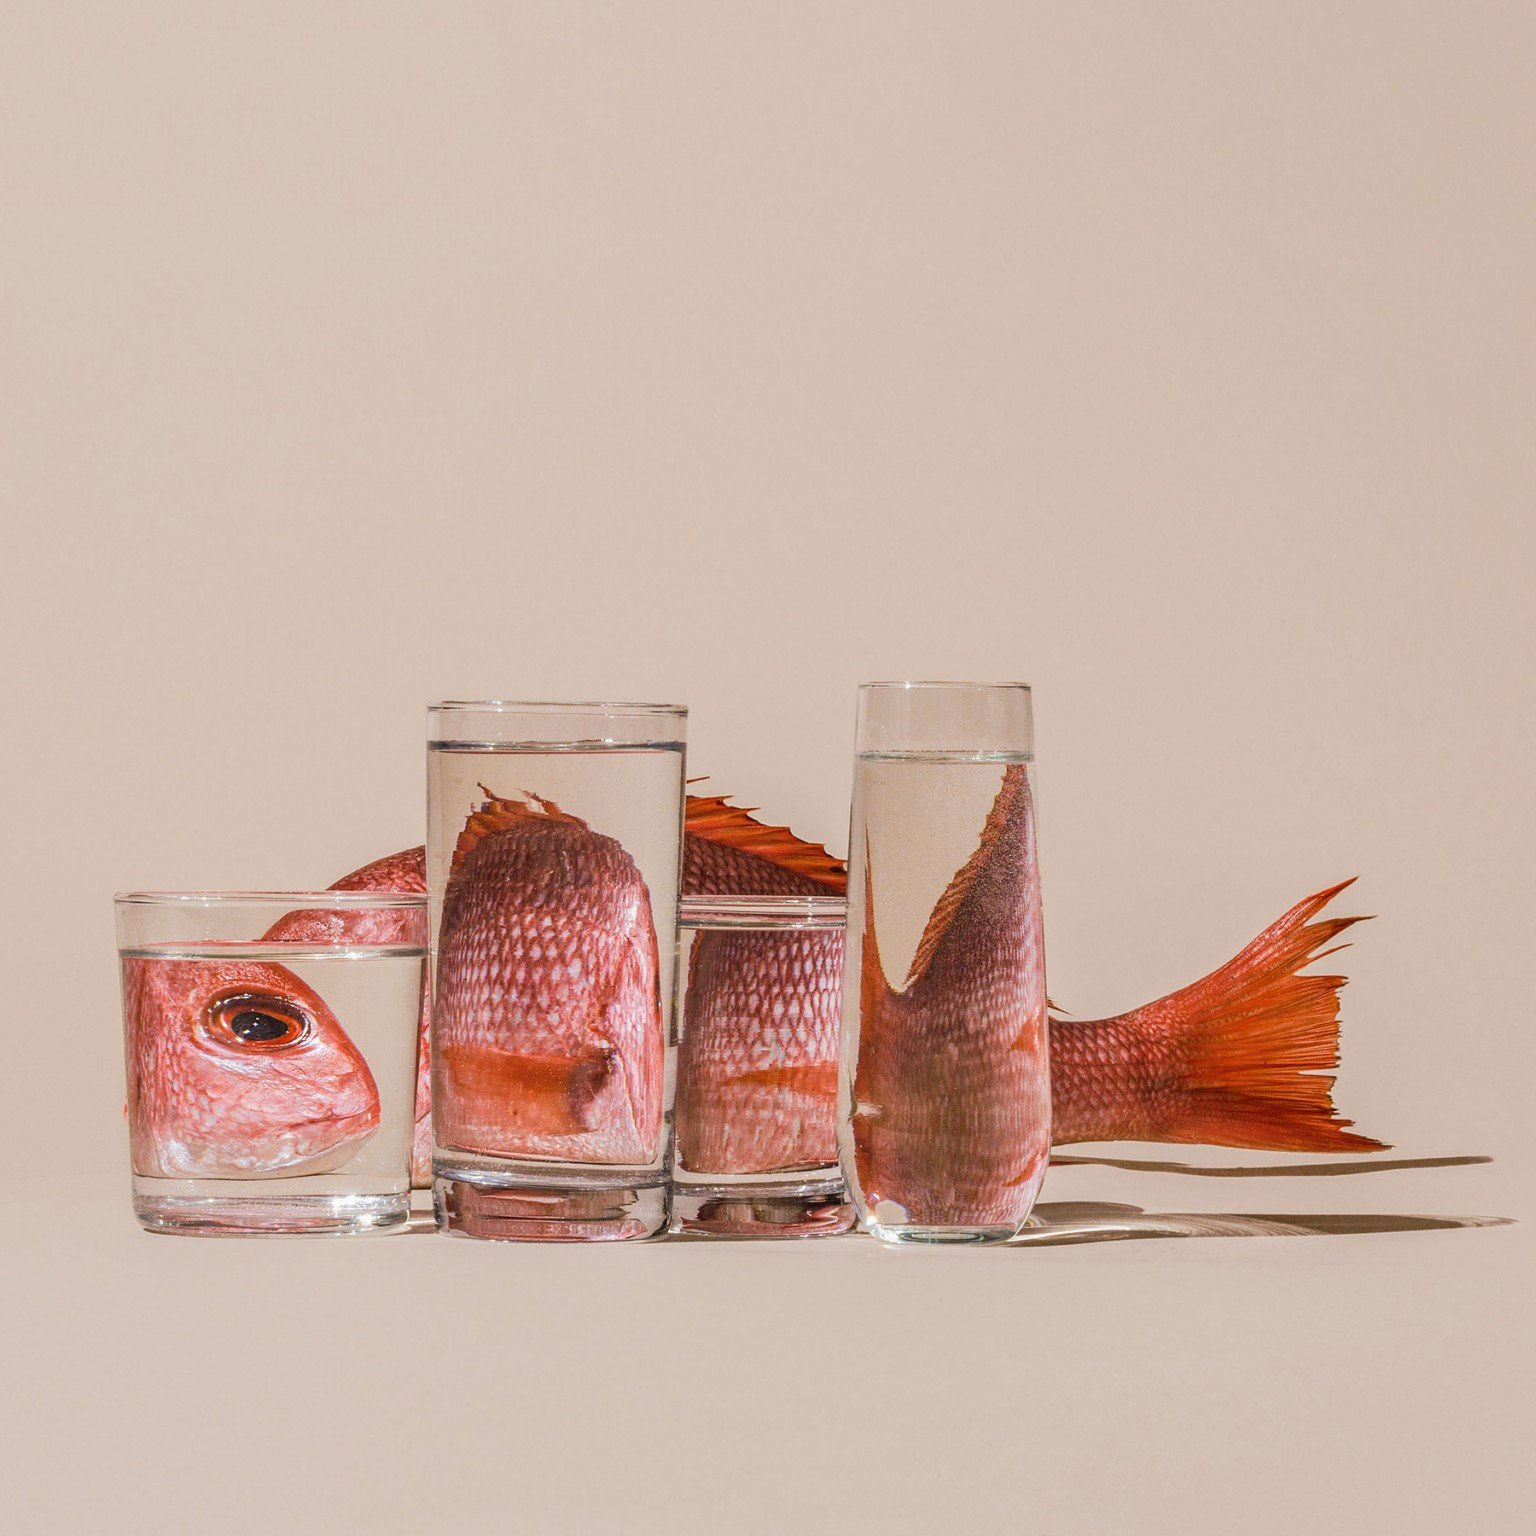 Perspective, le fotografie distorte di Suzanne Saroff   Collater.al 4